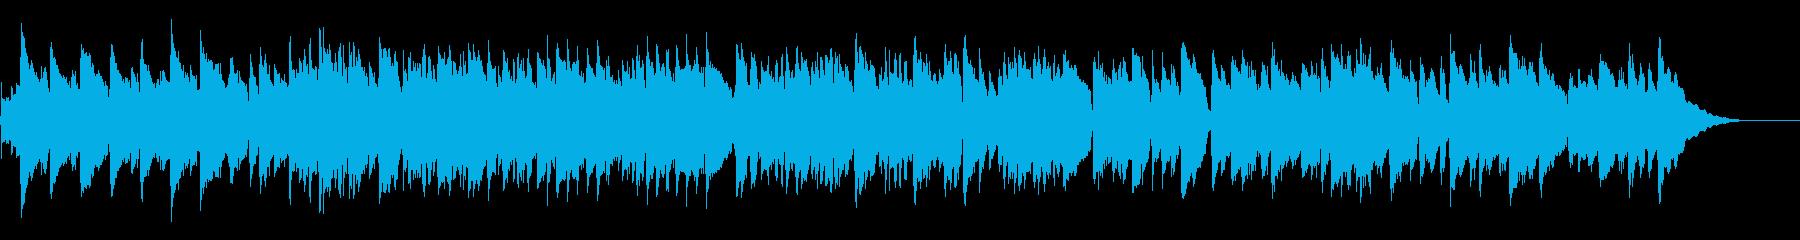 のどかなアイリッシュ音楽風アコギソロの再生済みの波形